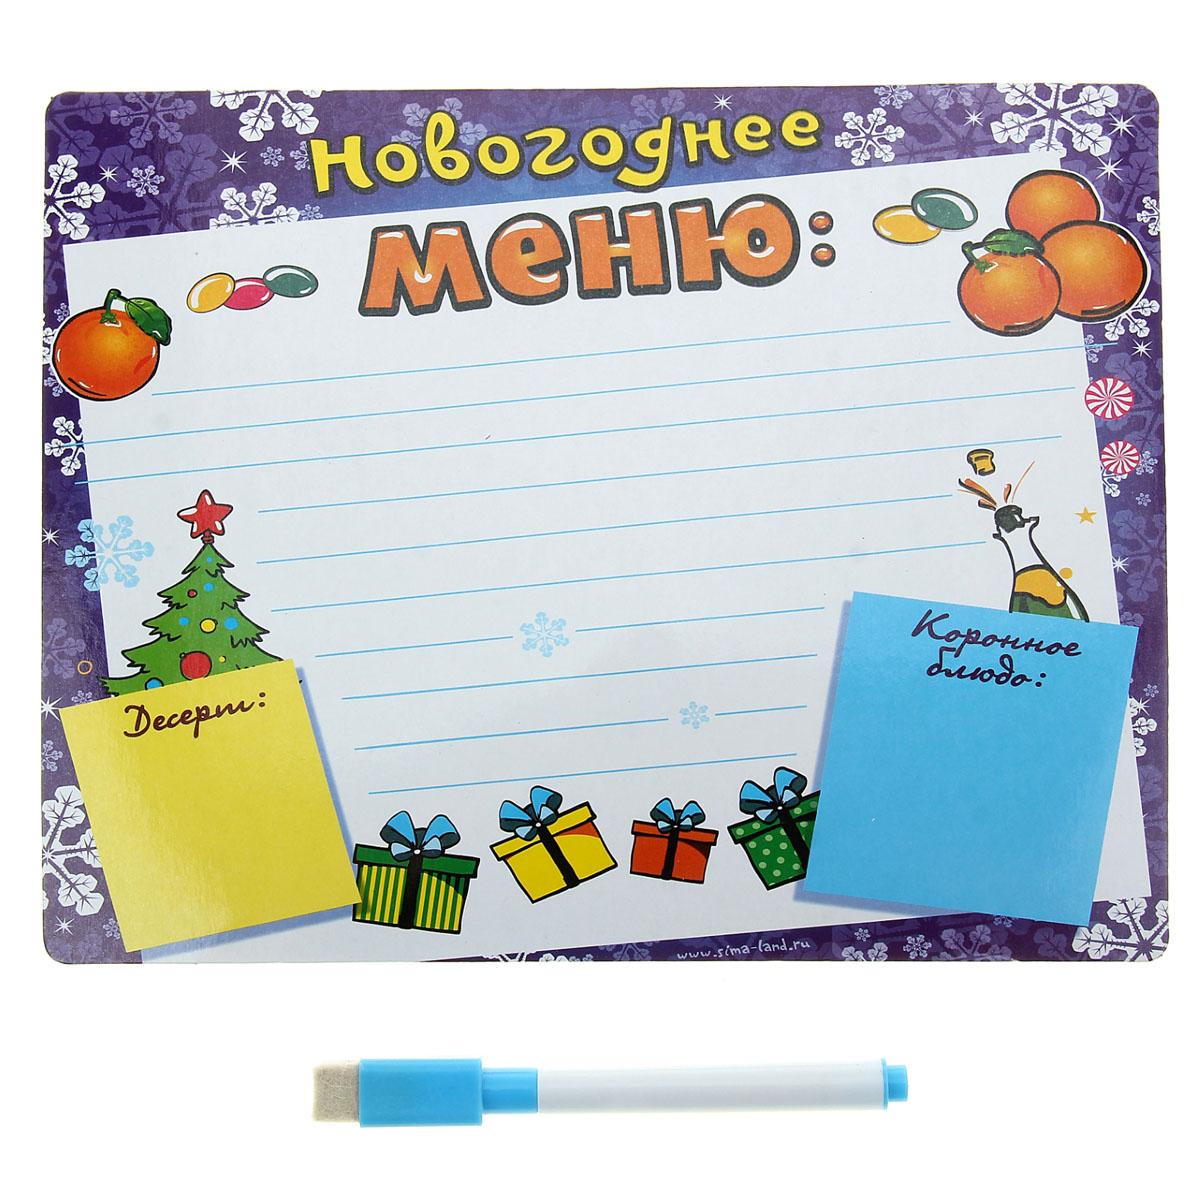 Магнитная доска для записей Новогоднее меню, с маркером, 22 см х 17 см699289Оригинальная магнитная доска Новогоднее меню выполнена из плотного картона. Имеется поле для записей, где можно записывать важную информацию, напоминания, рецепты или, к примеру, оставлять пожелания для членов семьи. Обратная сторона снабжена двумя магнитами, благодаря чему доску можно легко прикрепить к холодильнику. К доске прилагается черный маркер-магнит для созданий записей, колпачок которого оснащен войлочным наконечником для удаления старых посланий. Такая доска станет необычным приятным сувениром.